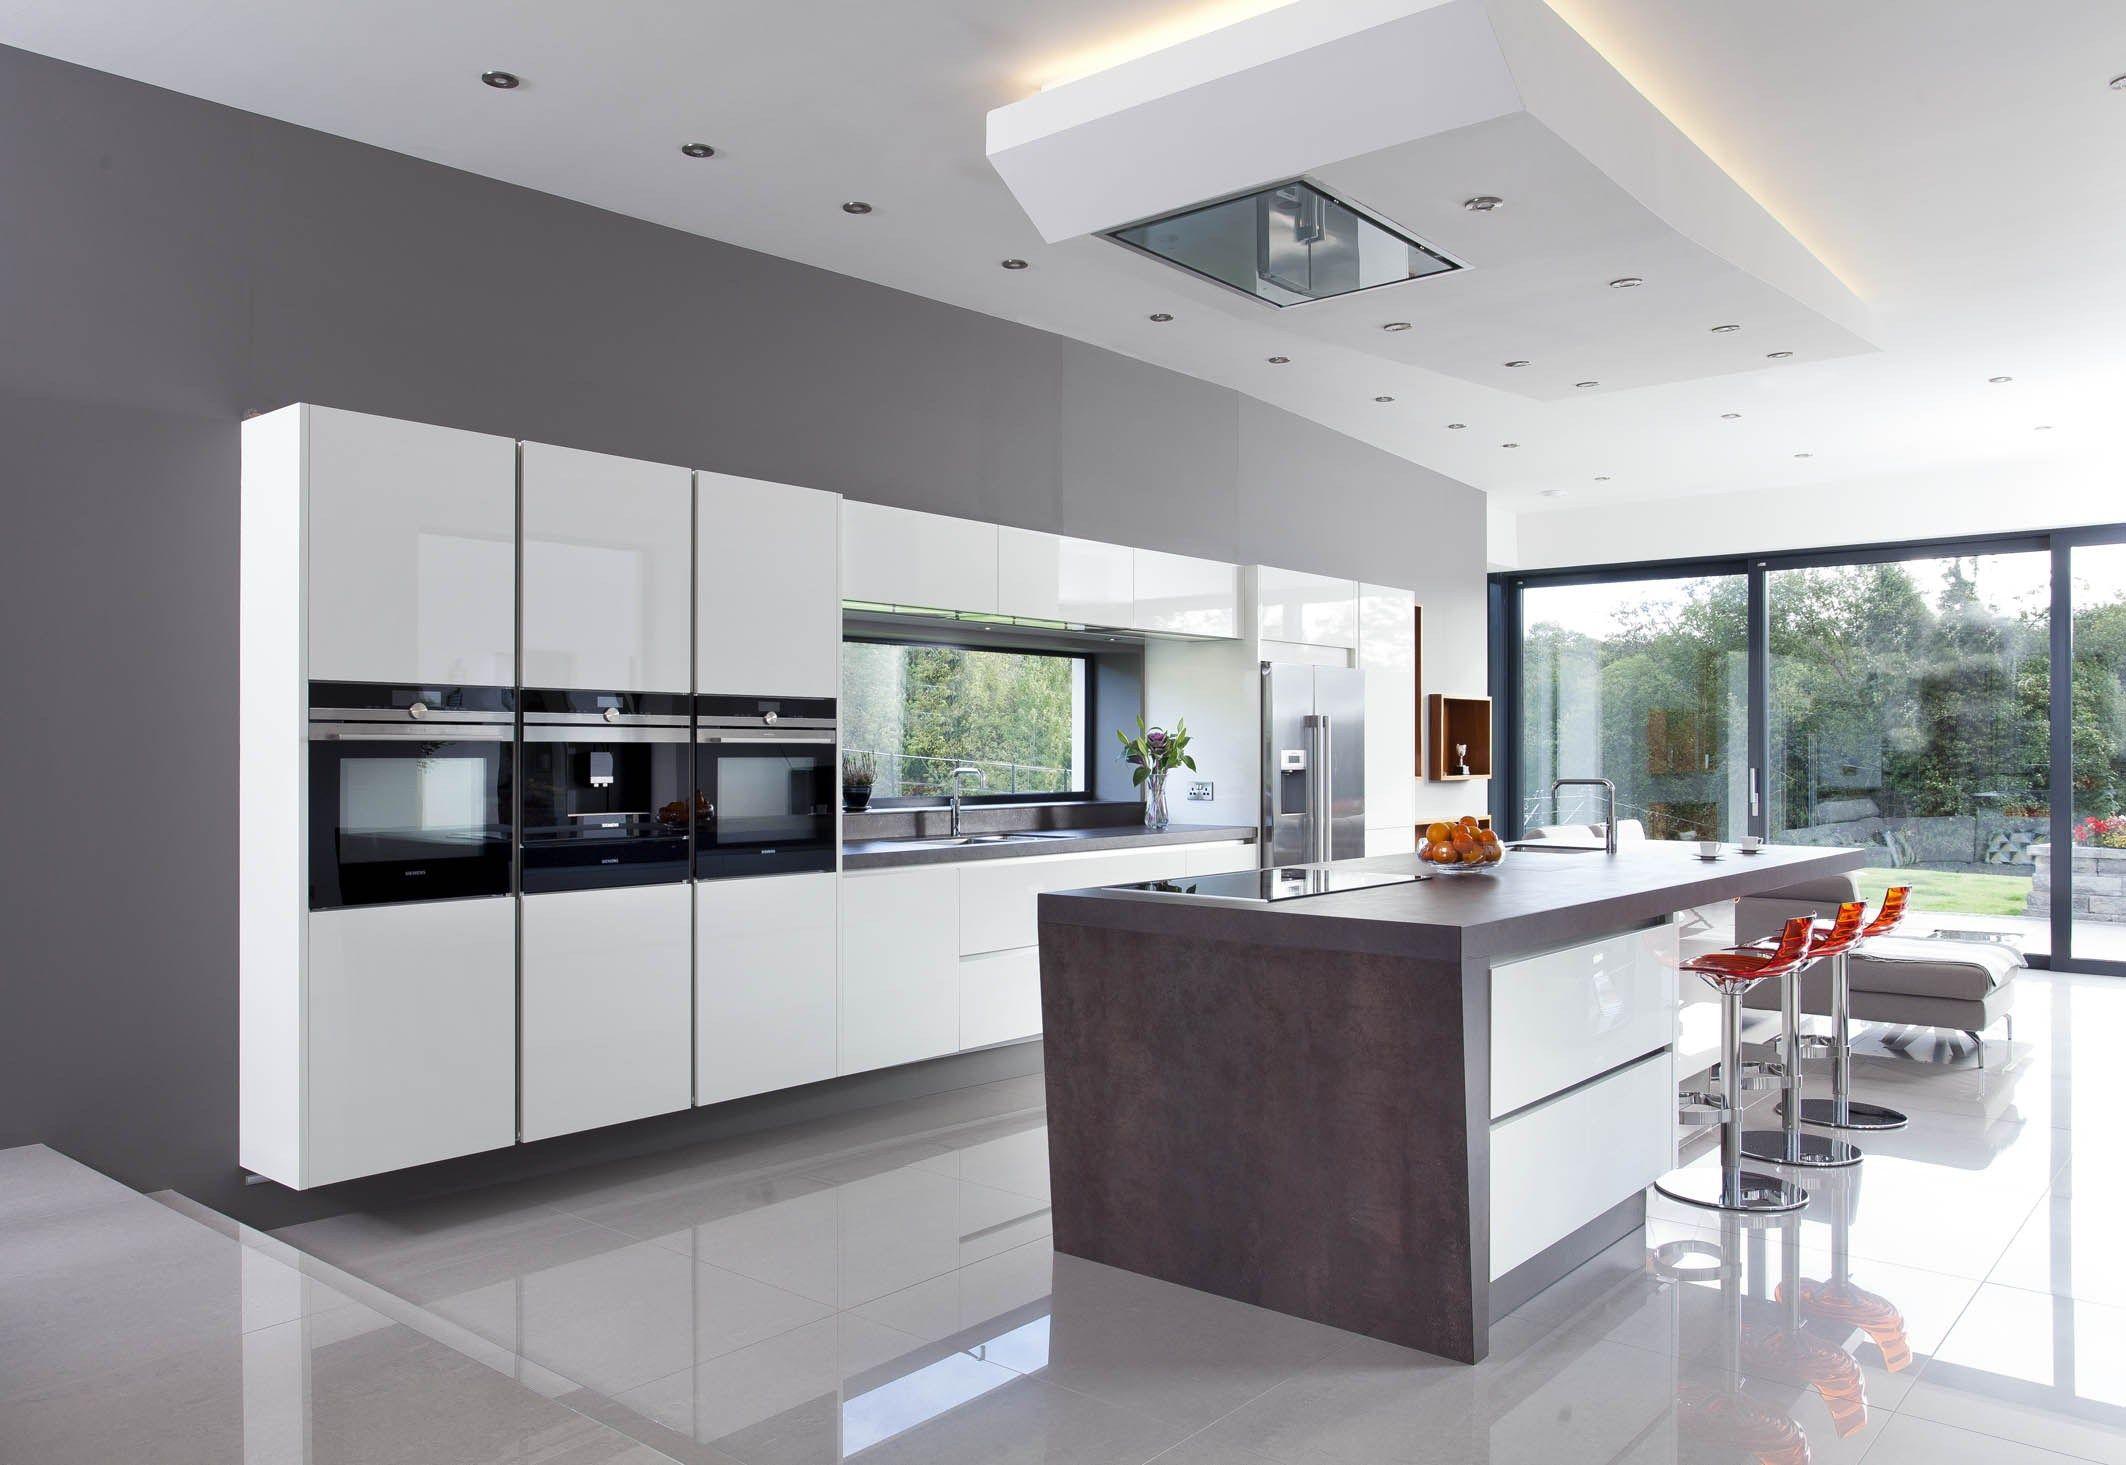 kitchen appliances belfast northern ireland kitchen from Kitchen ...